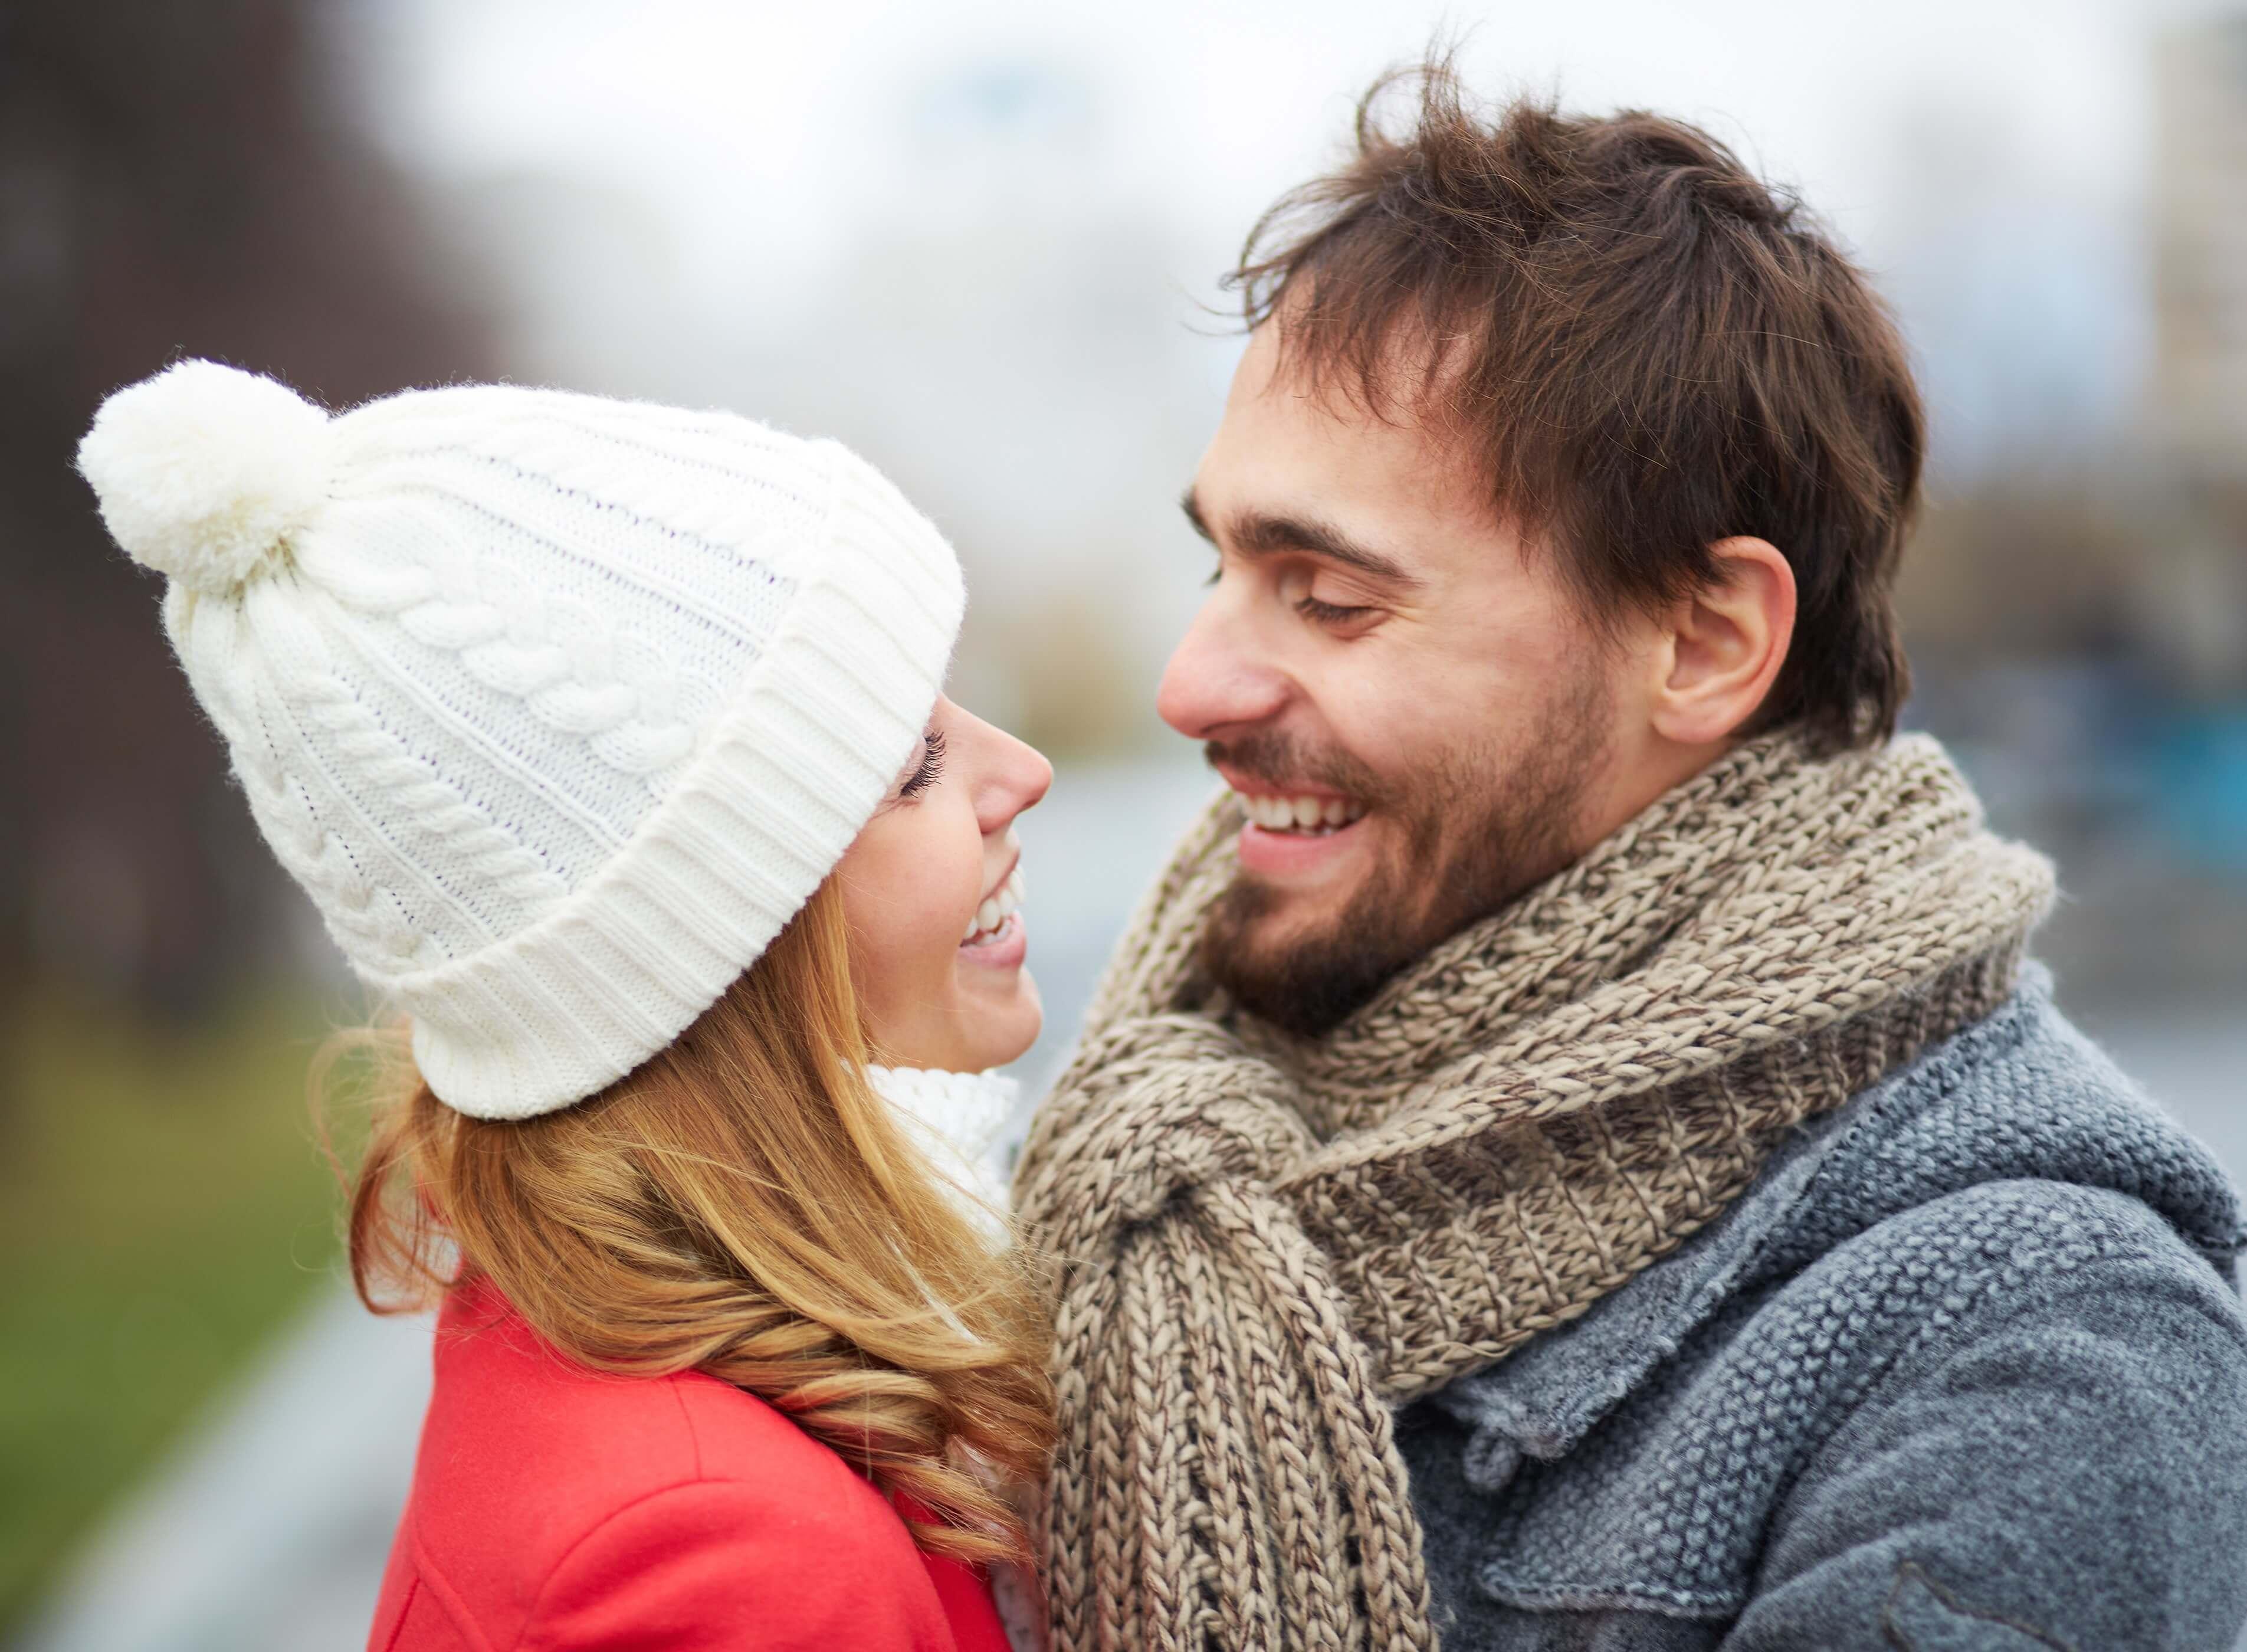 13 Dingen Die Mannen Aantrekkelijk Vinden Aan Een Vrouw